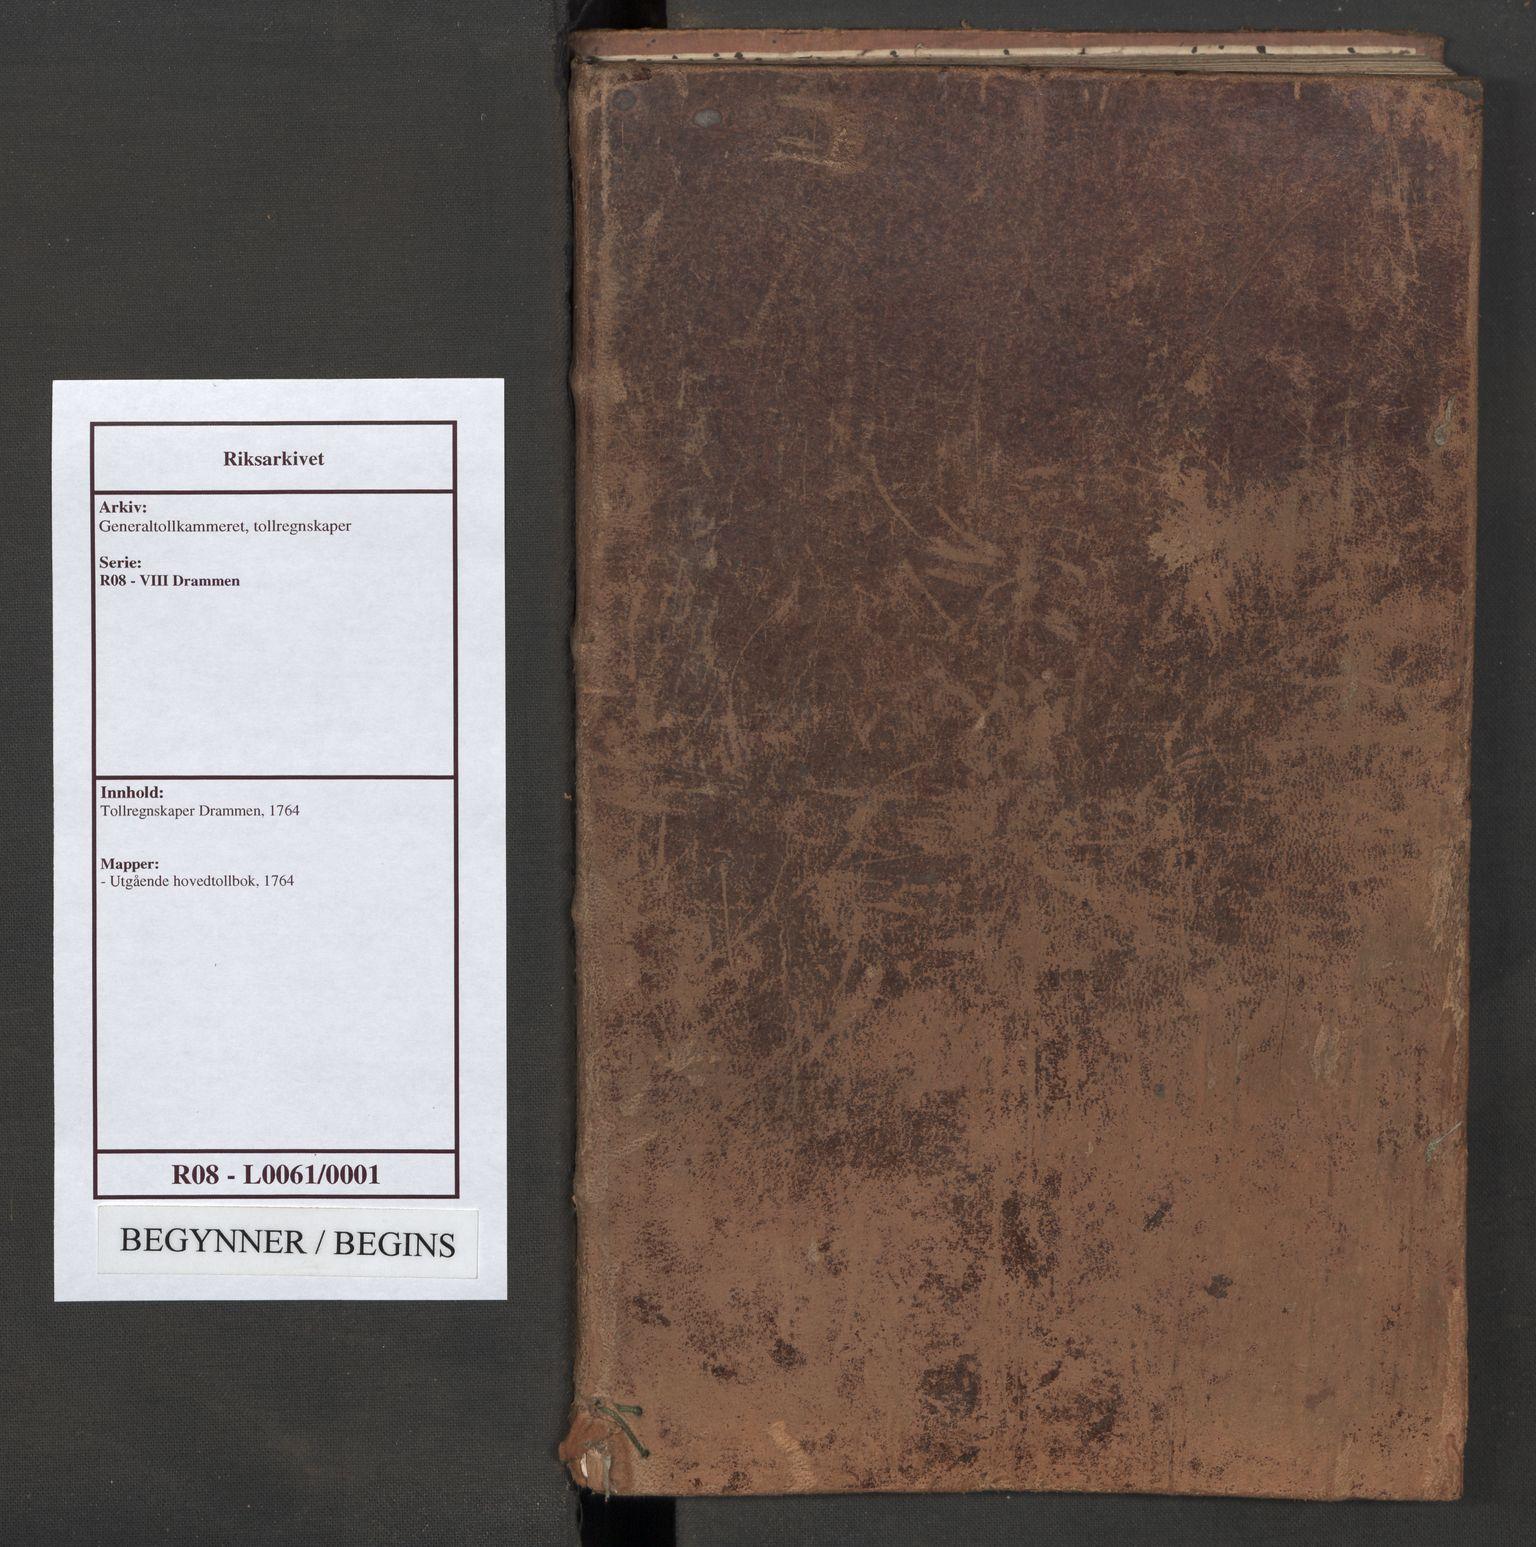 RA, Generaltollkammeret, tollregnskaper, R08/L0061: Tollregnskaper Drammen, 1764